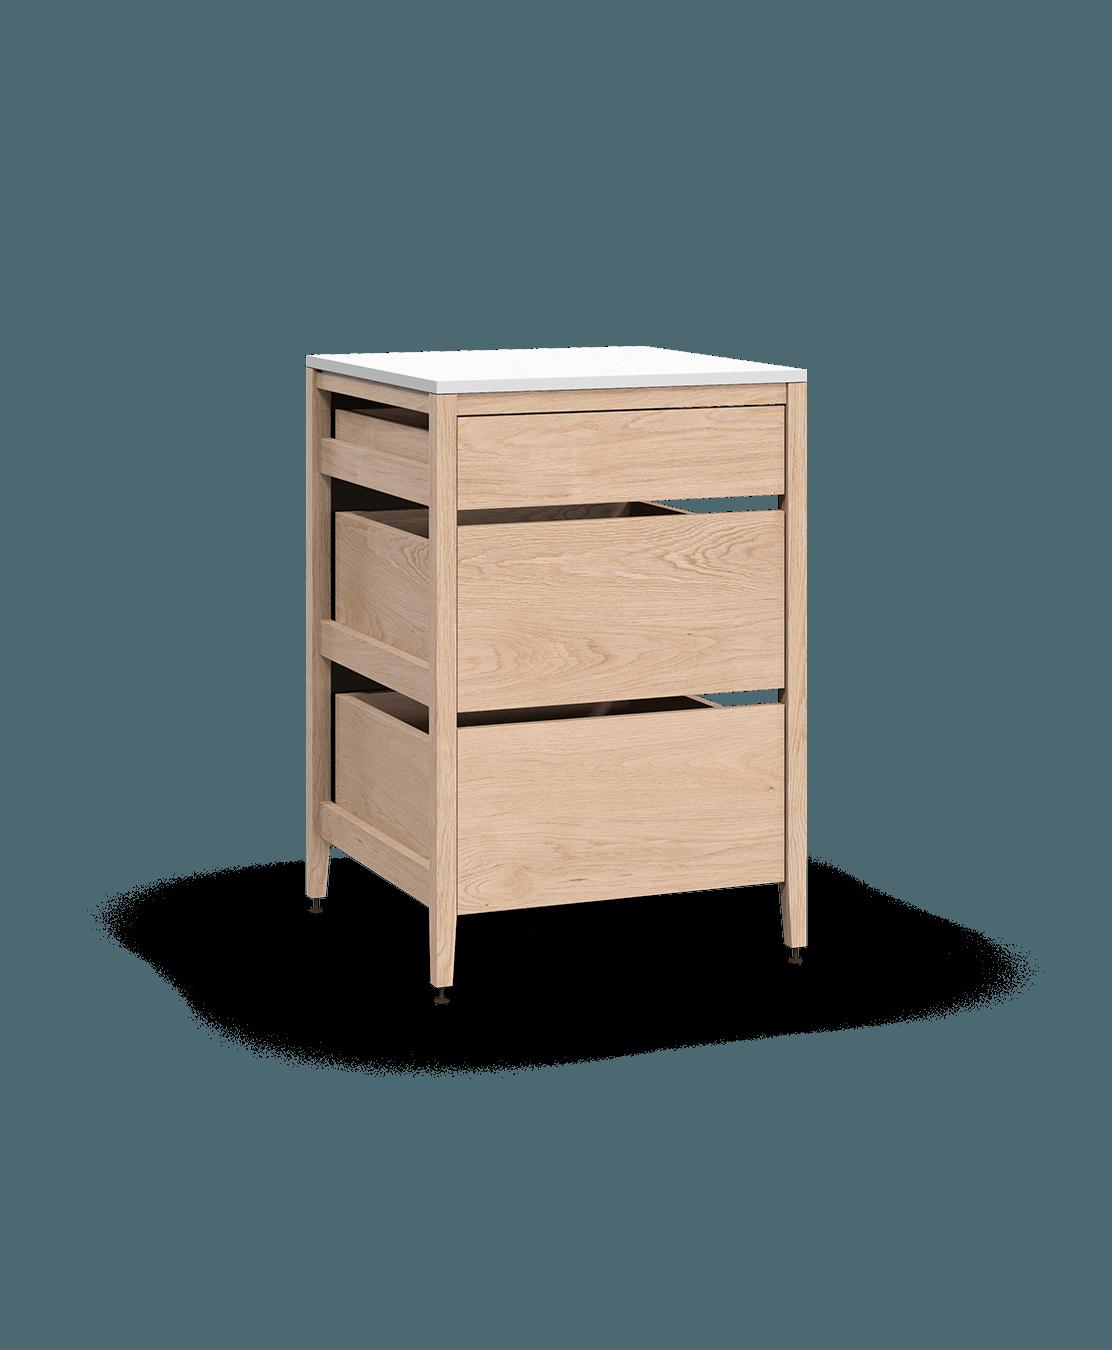 armoire de cuisine modulaire inférieure en bois massif coquo radix avec 3 tiroirs chêne blanc 24 pouces C1-C-24TB-3001-NA